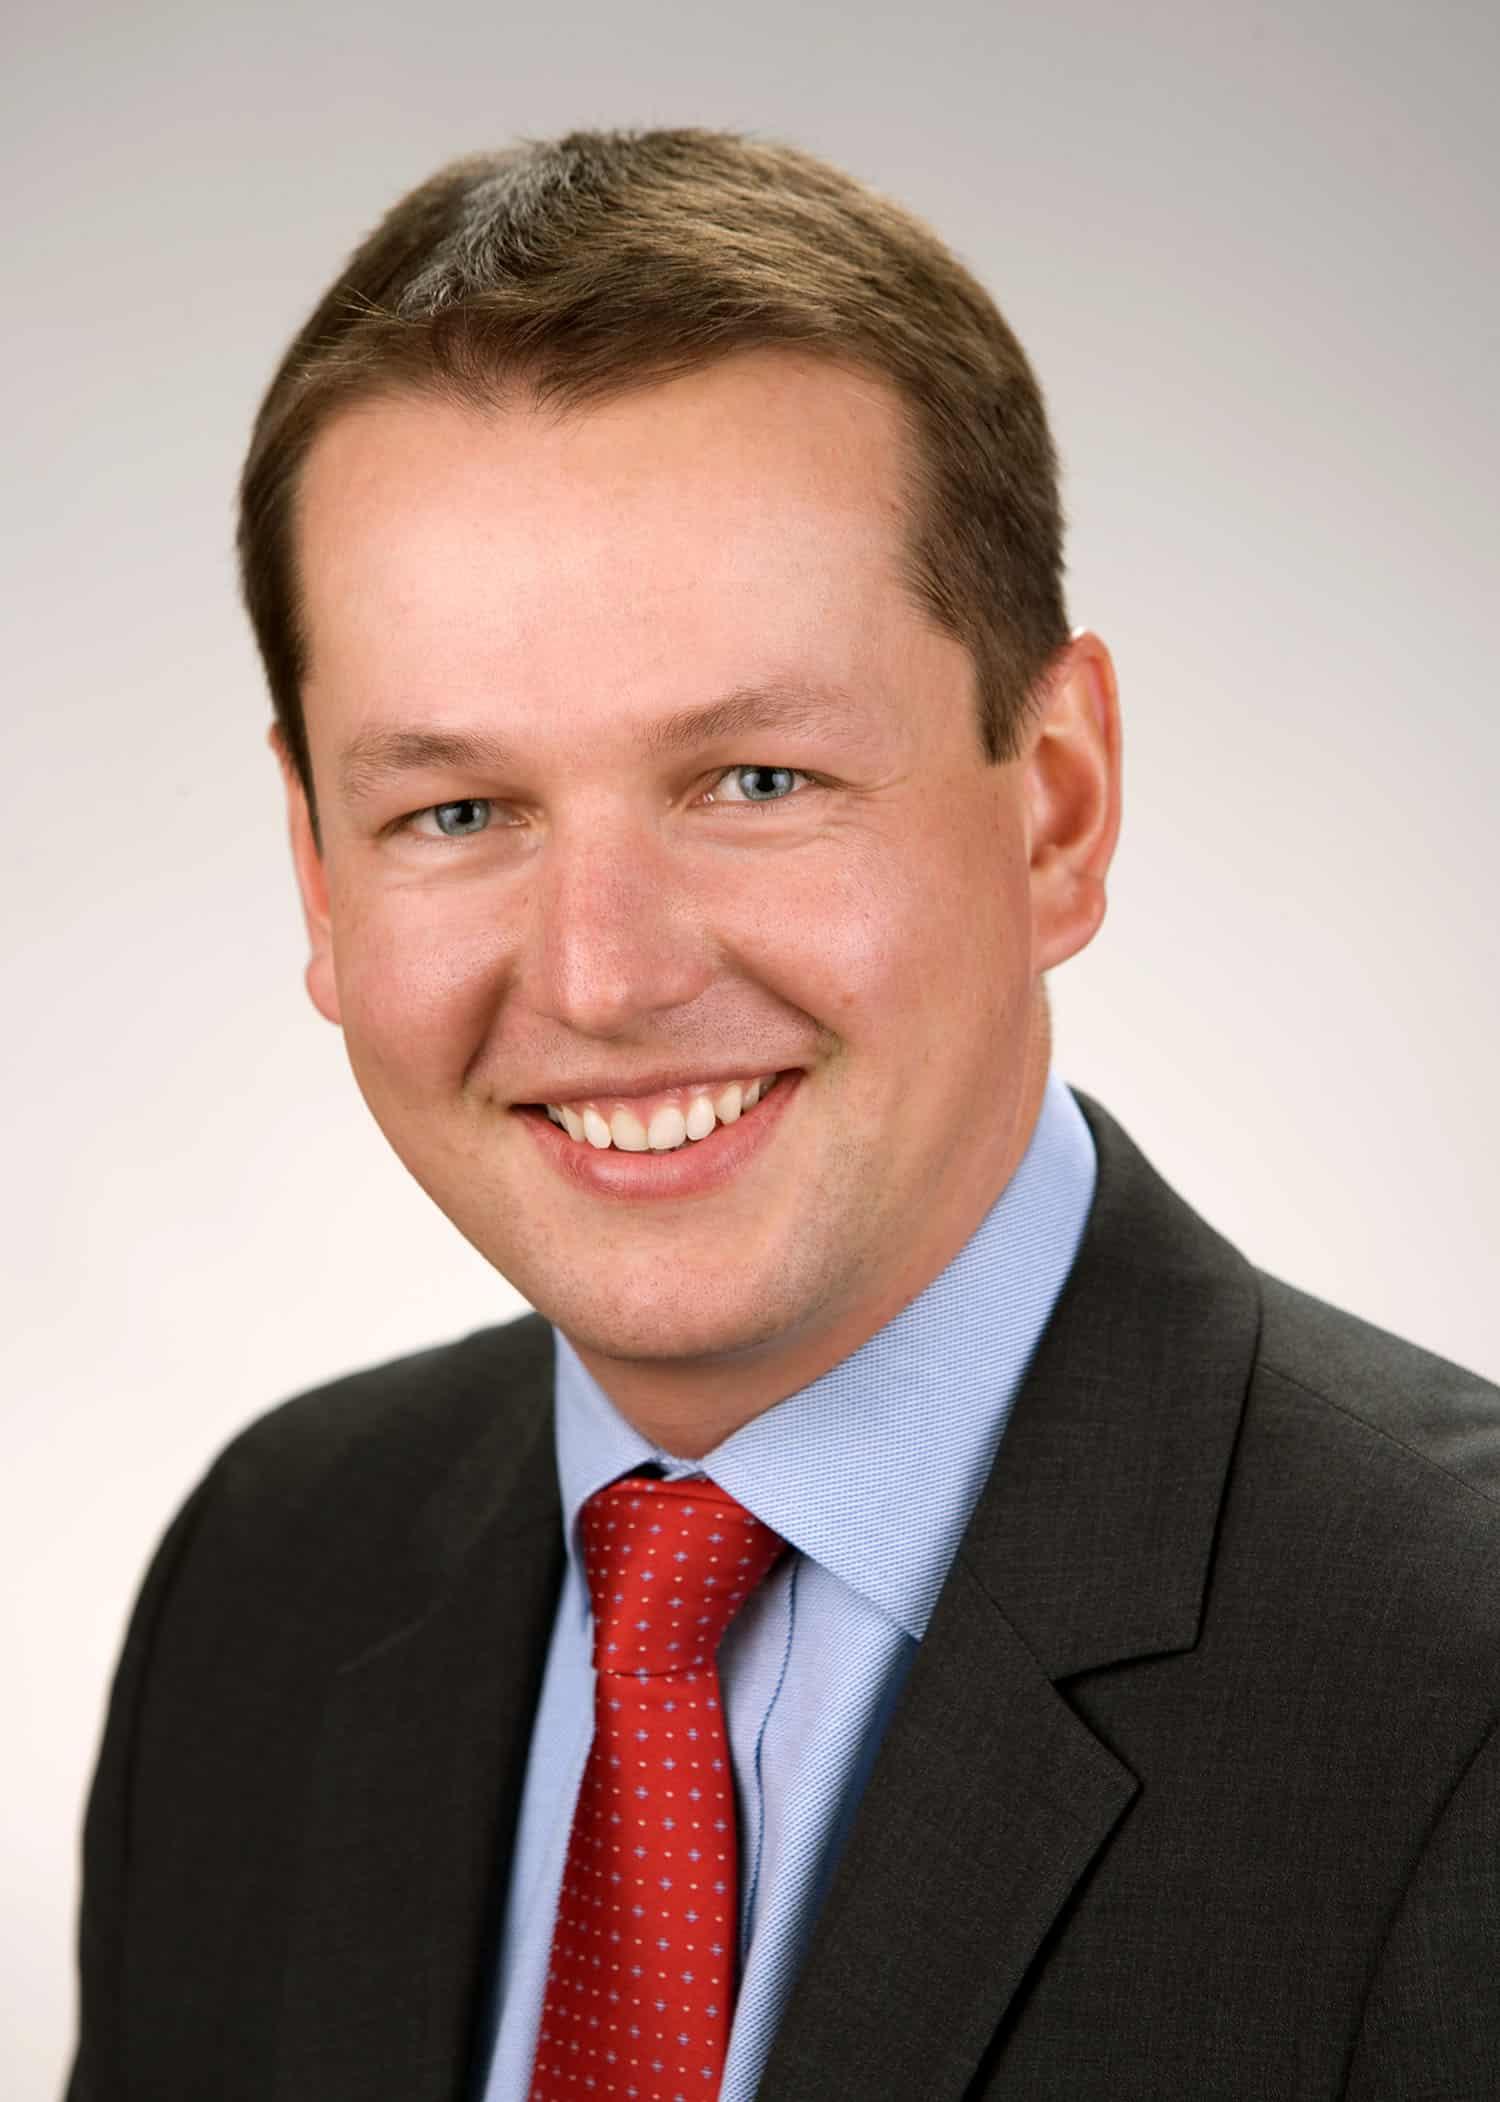 Michael Paweletz